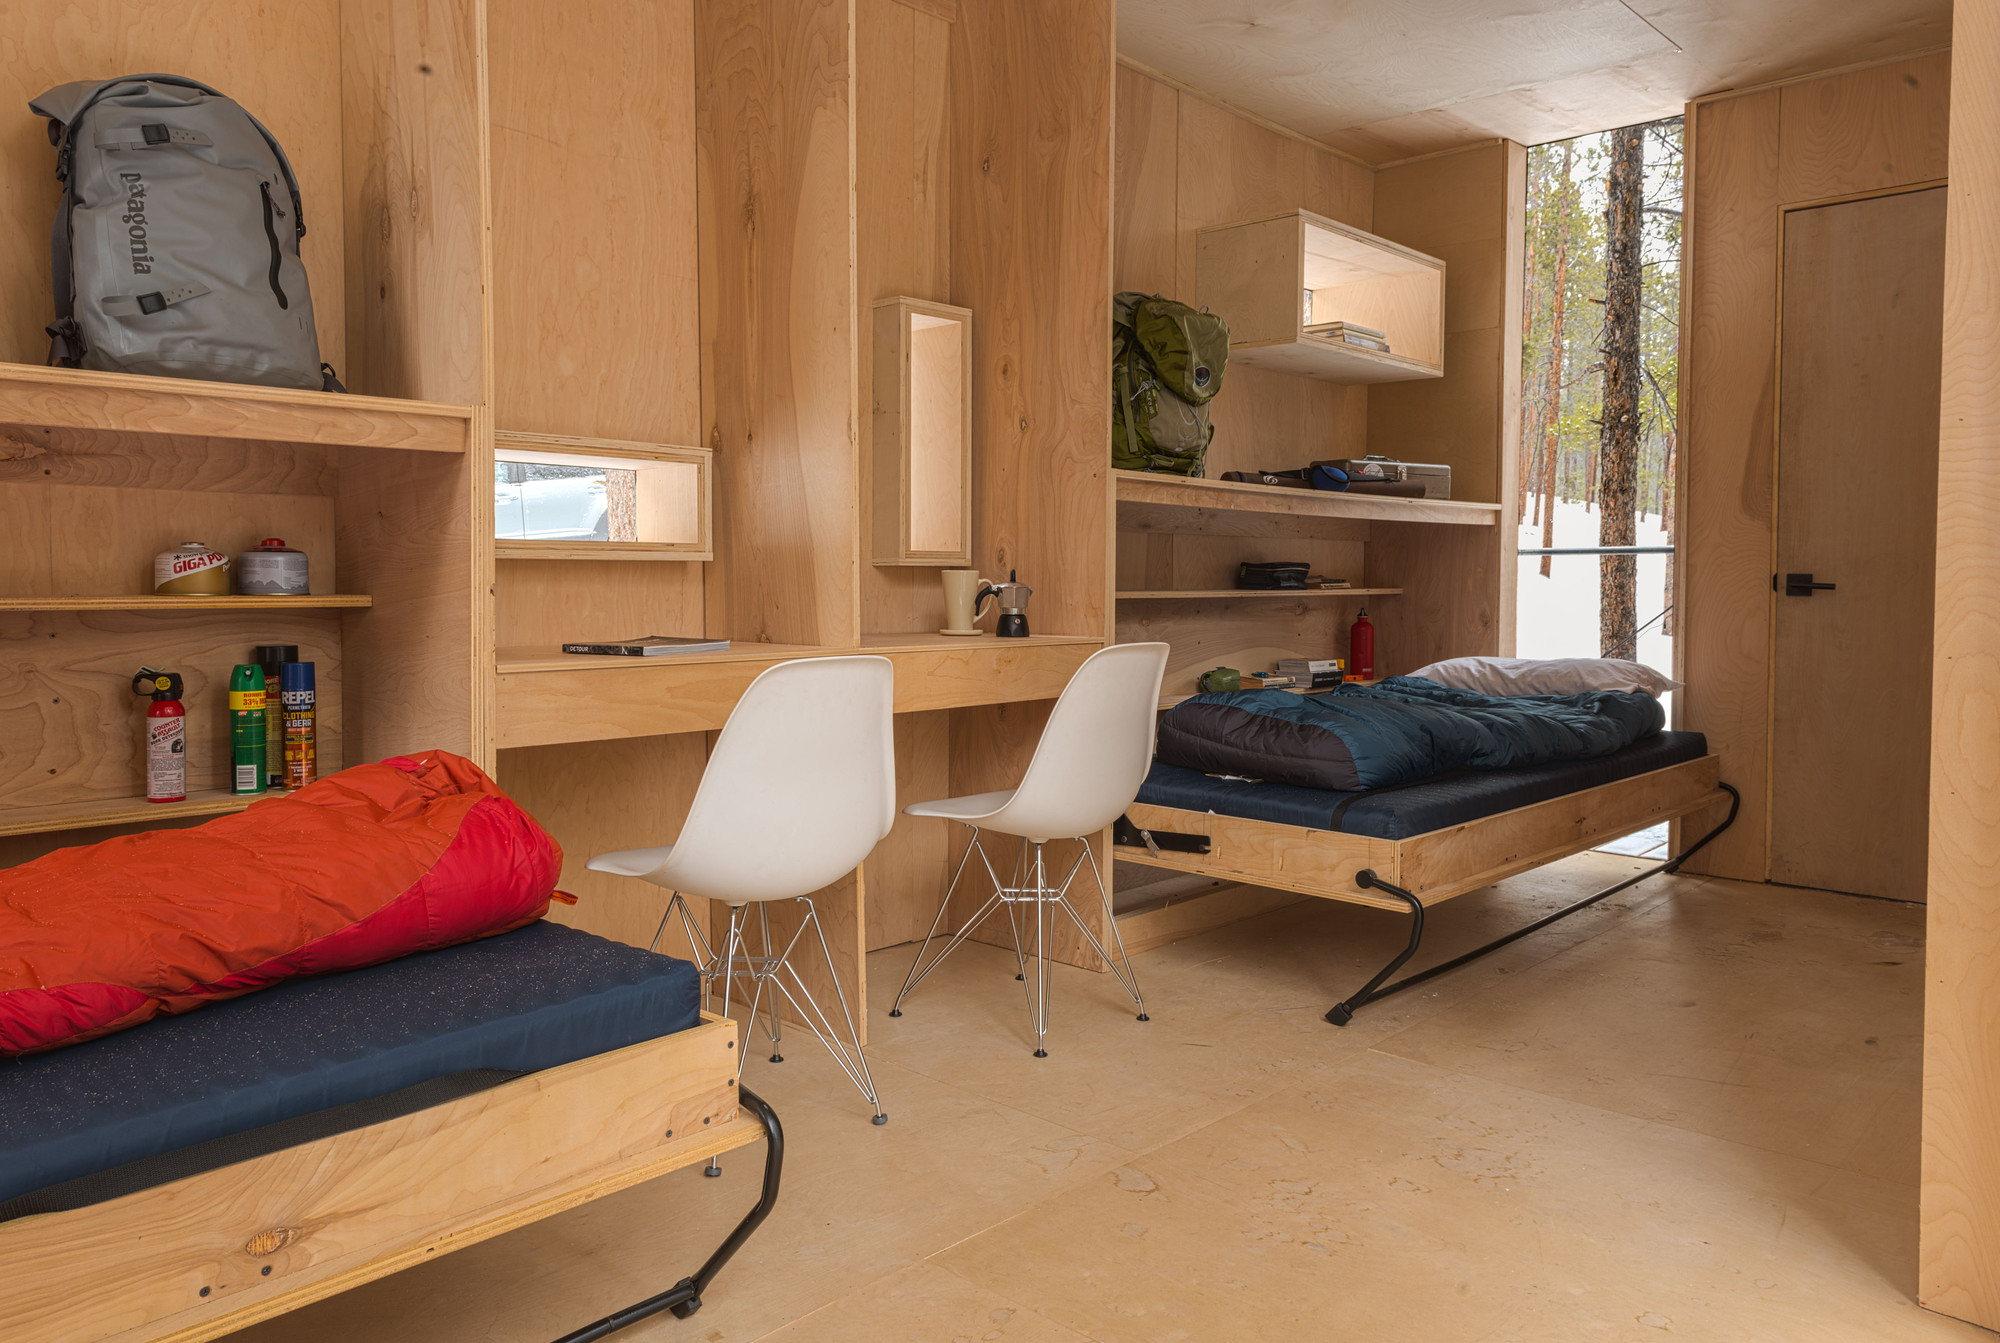 Dorm Room Bed Frame